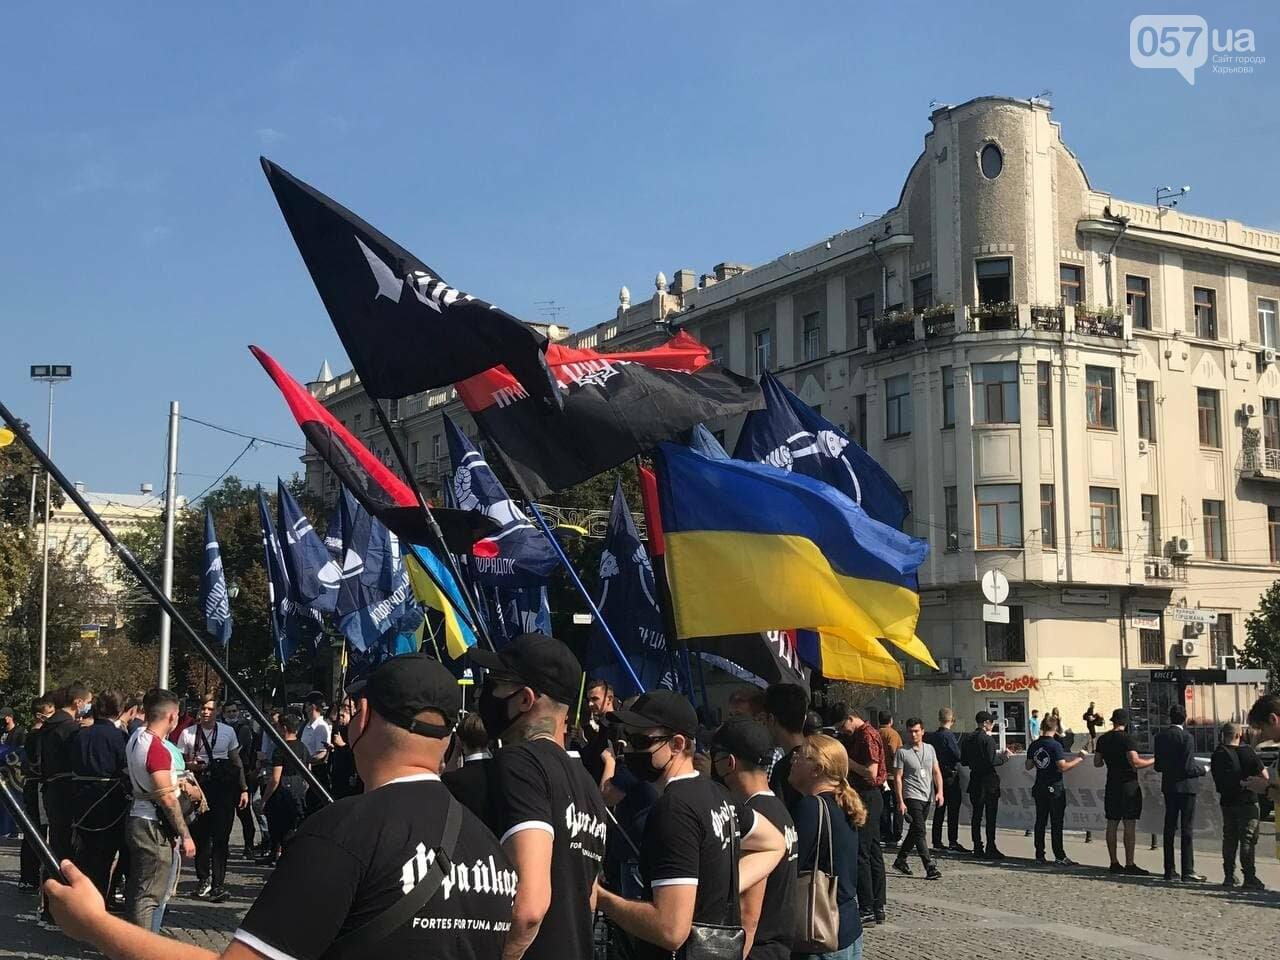 «Связанные» активисты и плакаты напротив дороги: в центре Харькова националисты митинговали против ЛГБТ-марша, - ФОТОРЕПОРТАЖ, фото-4